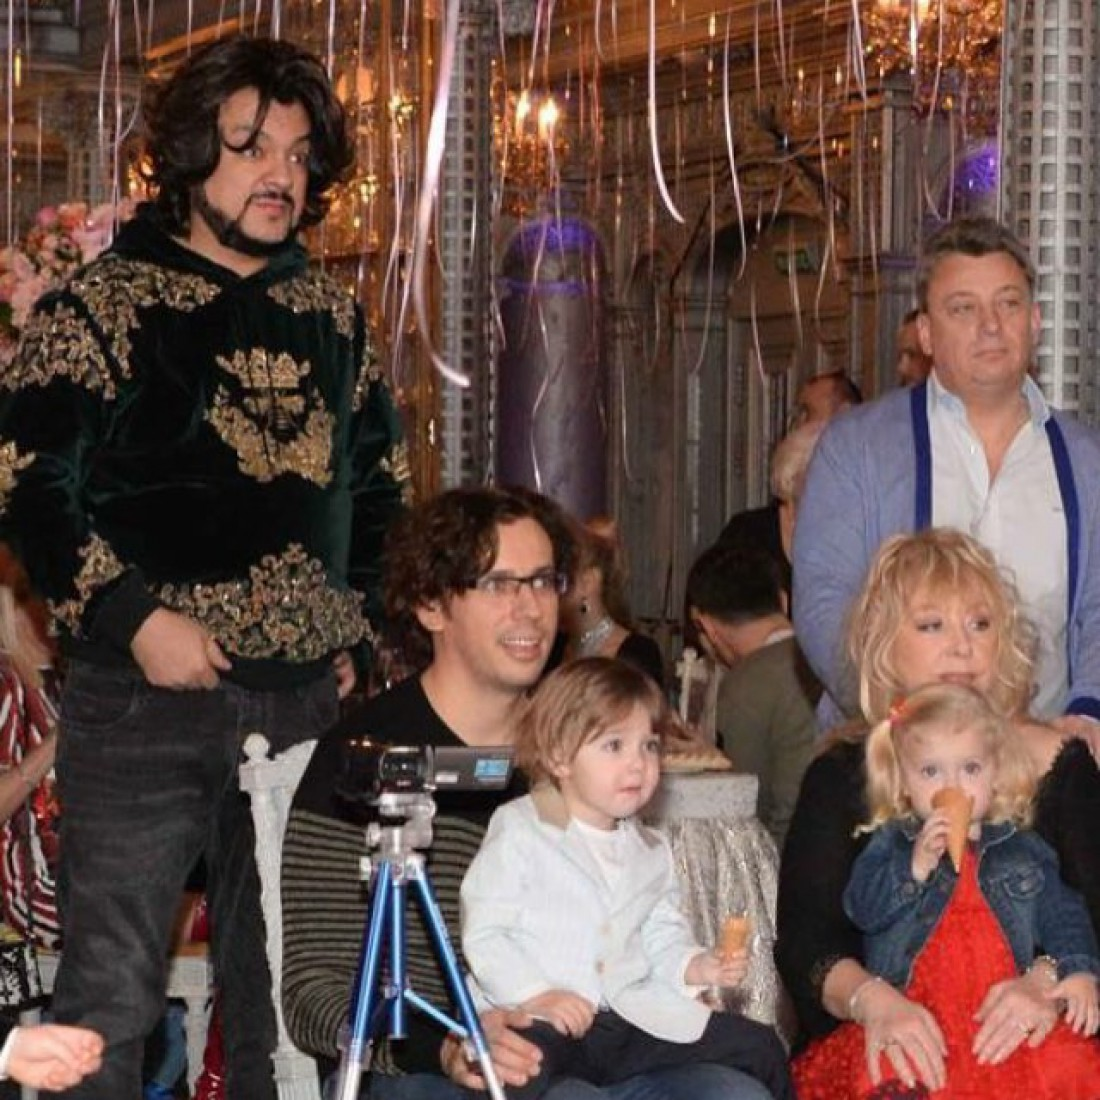 пугачева и галкин с детьми фото декоративного